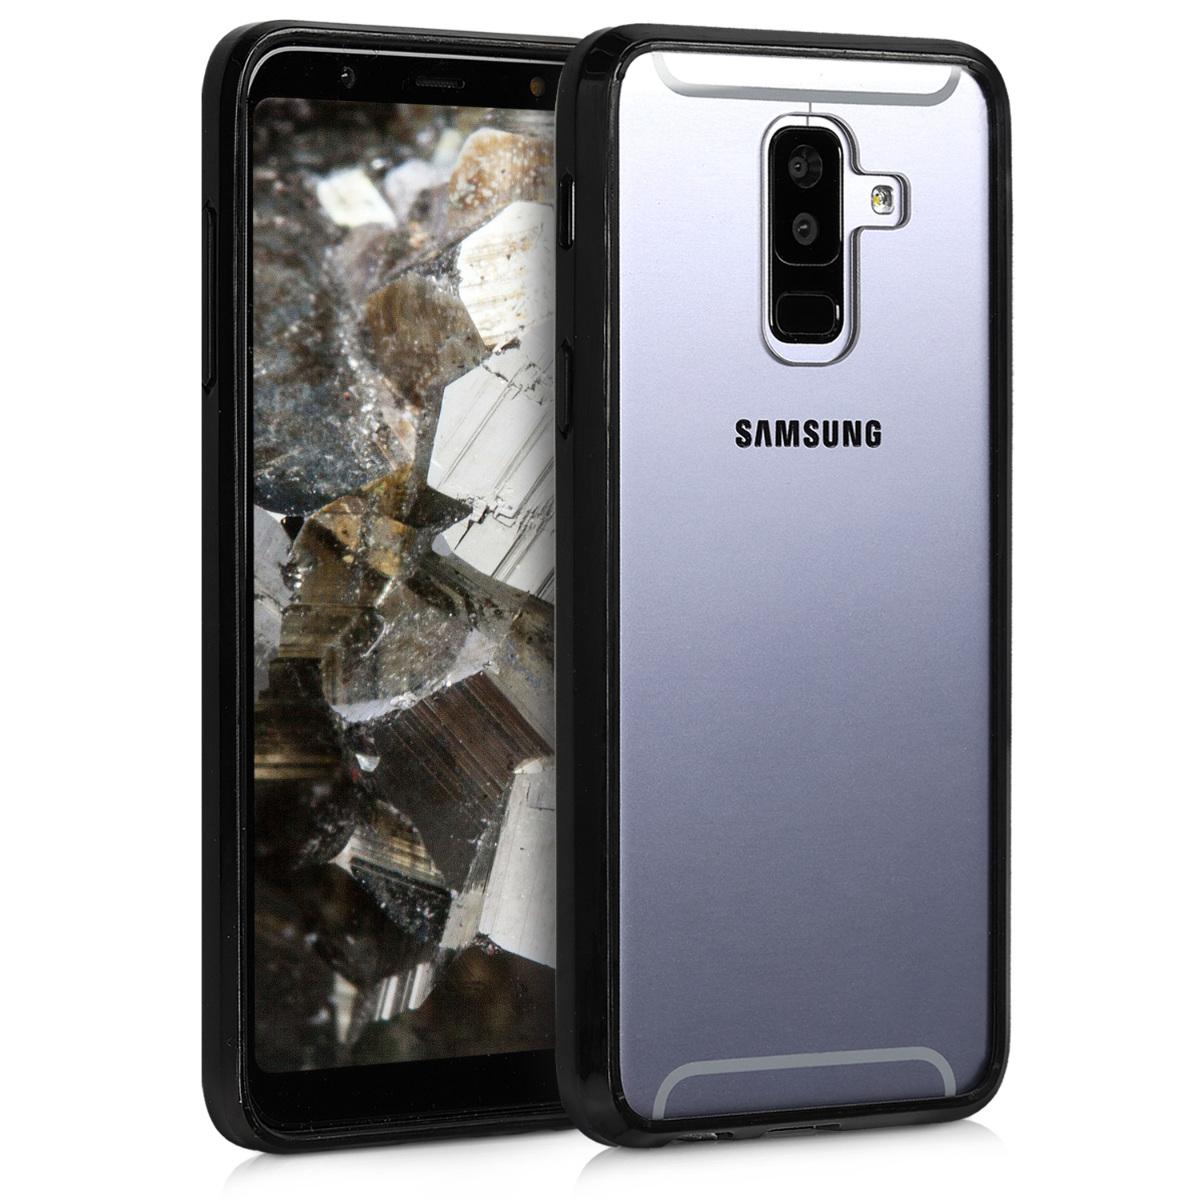 Kvalitní plastové pouzdro pro Samsung A6+|A6 Plus (2018) - černé / transparentní